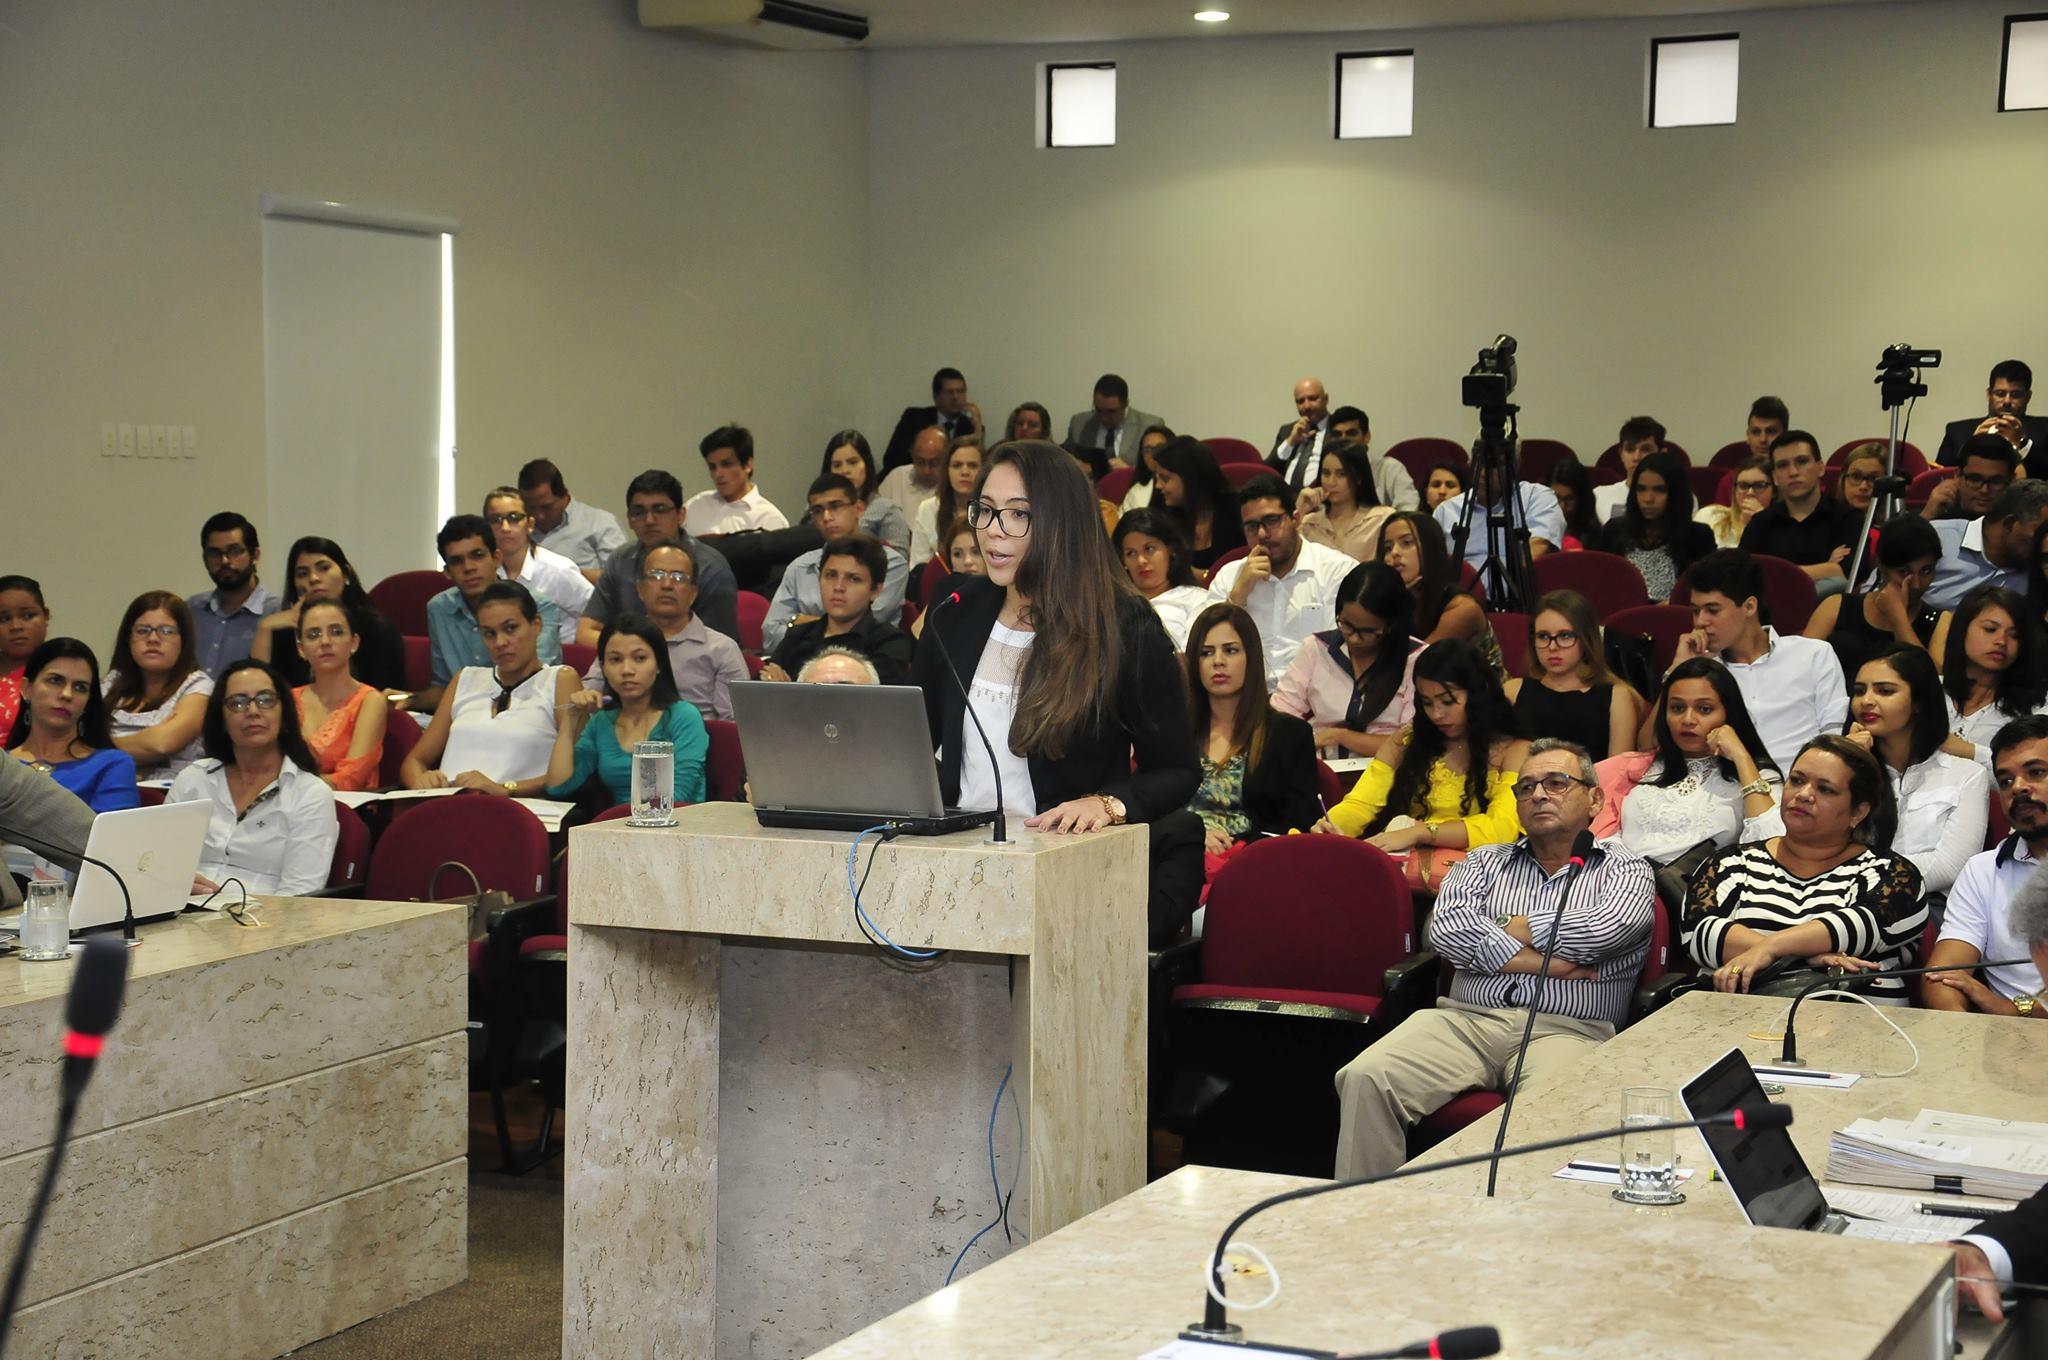 Relatório apresentado pelo relator foi exemplo de aula para universitários do curso de direito de uma faculdade privada de João Pessoa